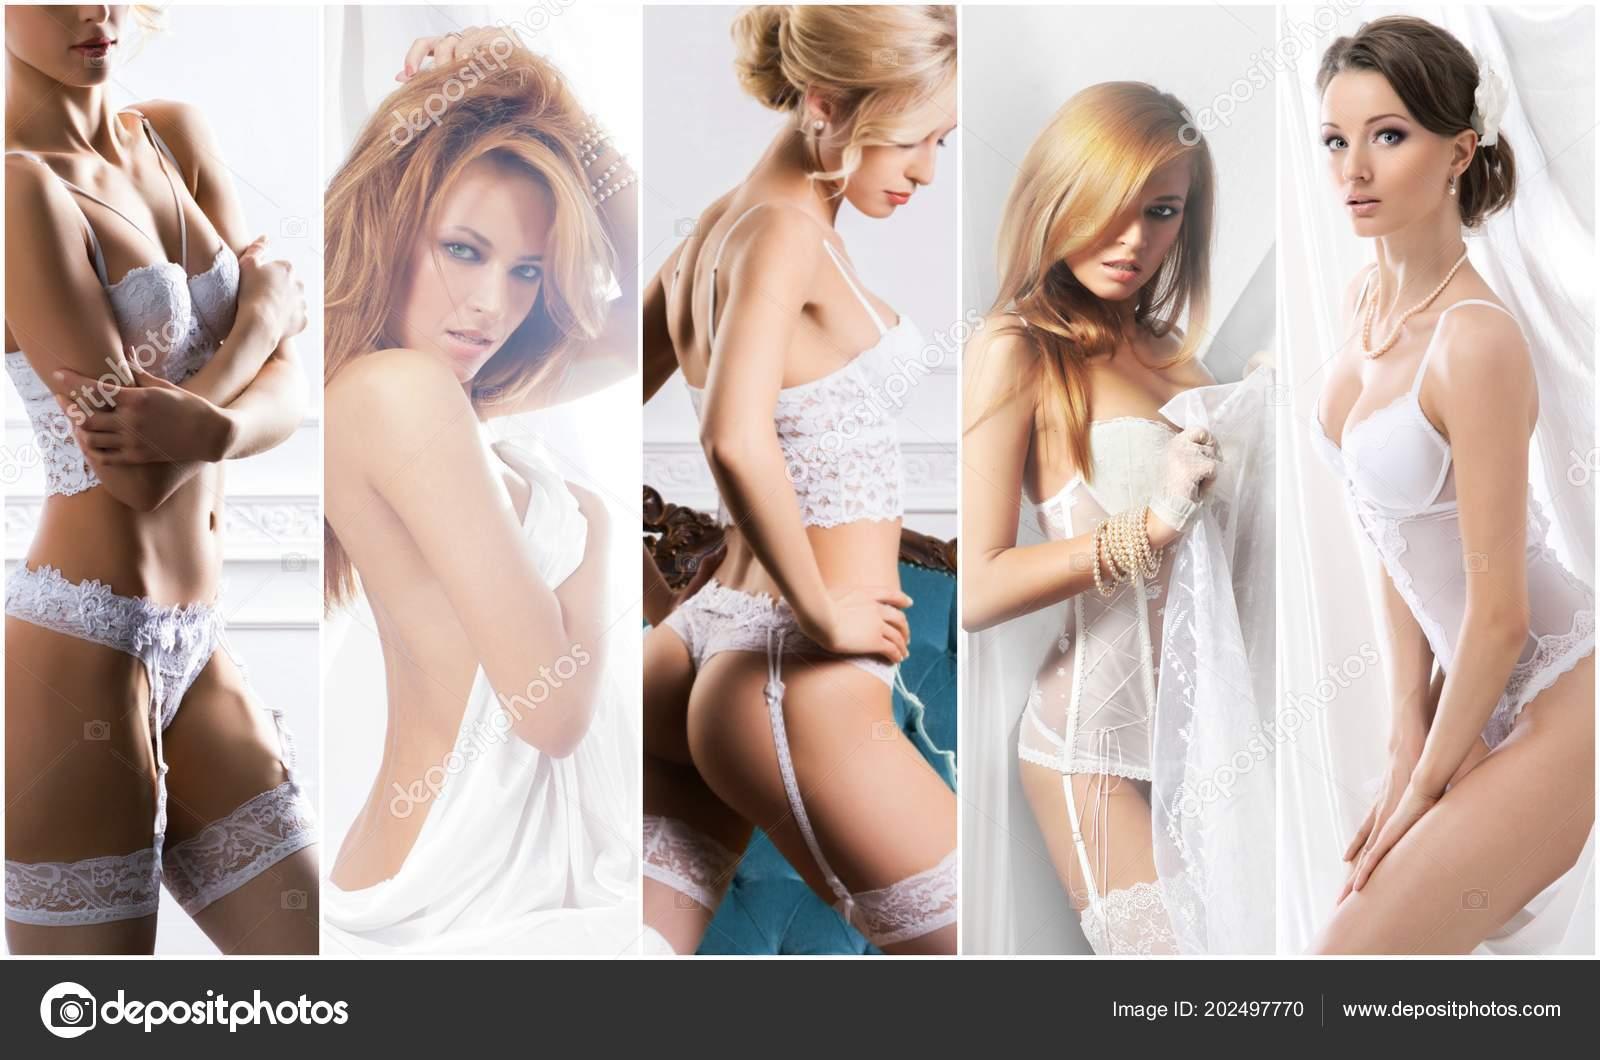 bb6f0b77c Coleção de lingerie branca. Noivas sensuais de lingerie erótica. Colagem de  cueca — Fotografia